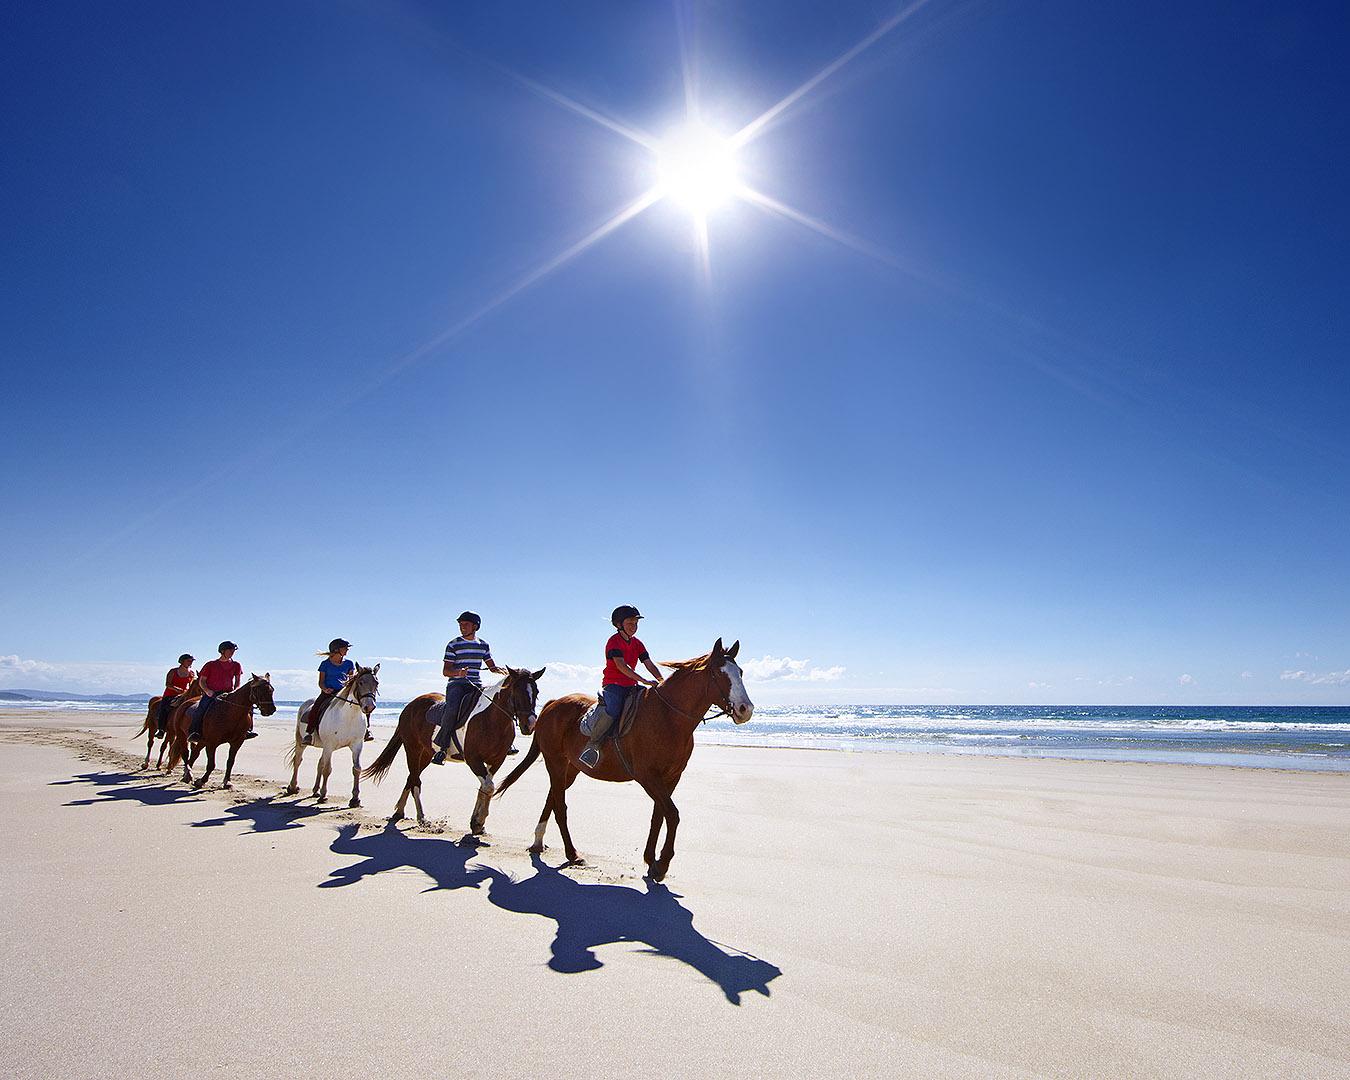 People ride on horseback on Pakiri beach.